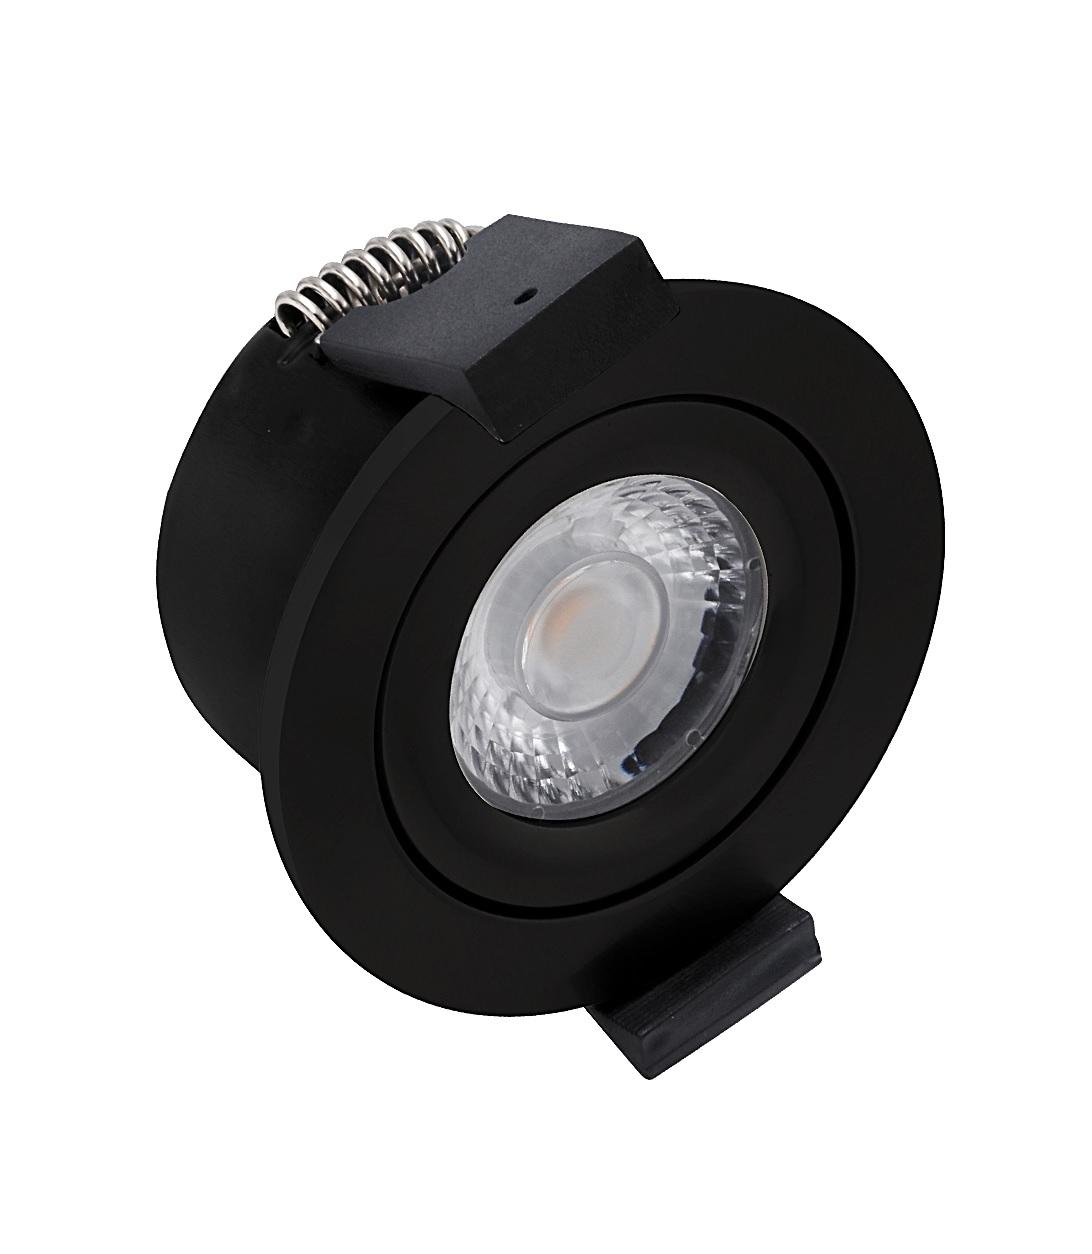 Image of   HiluX D3 LED Spot 5W - Ra97 - 380LM - 2700K - Sort Udendørs